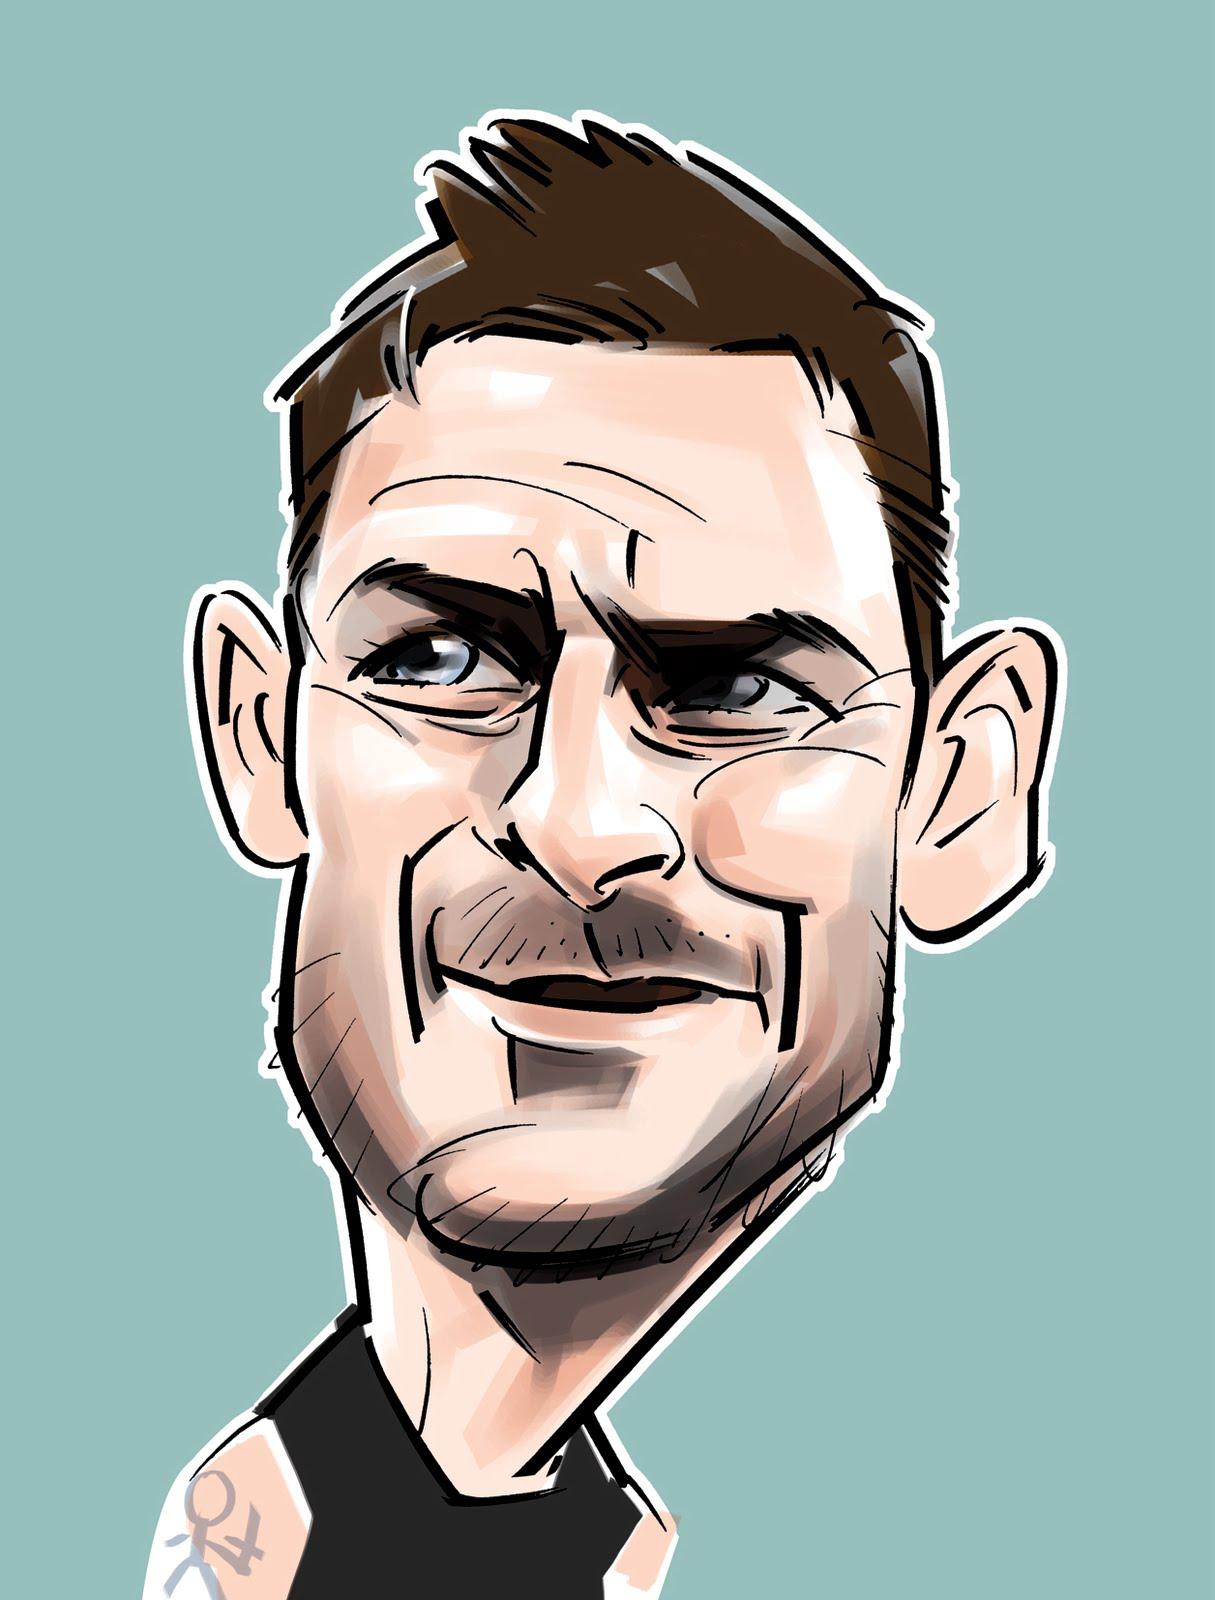 Gambar Karikatur Pemain Bola Dunia Duinia Kartun